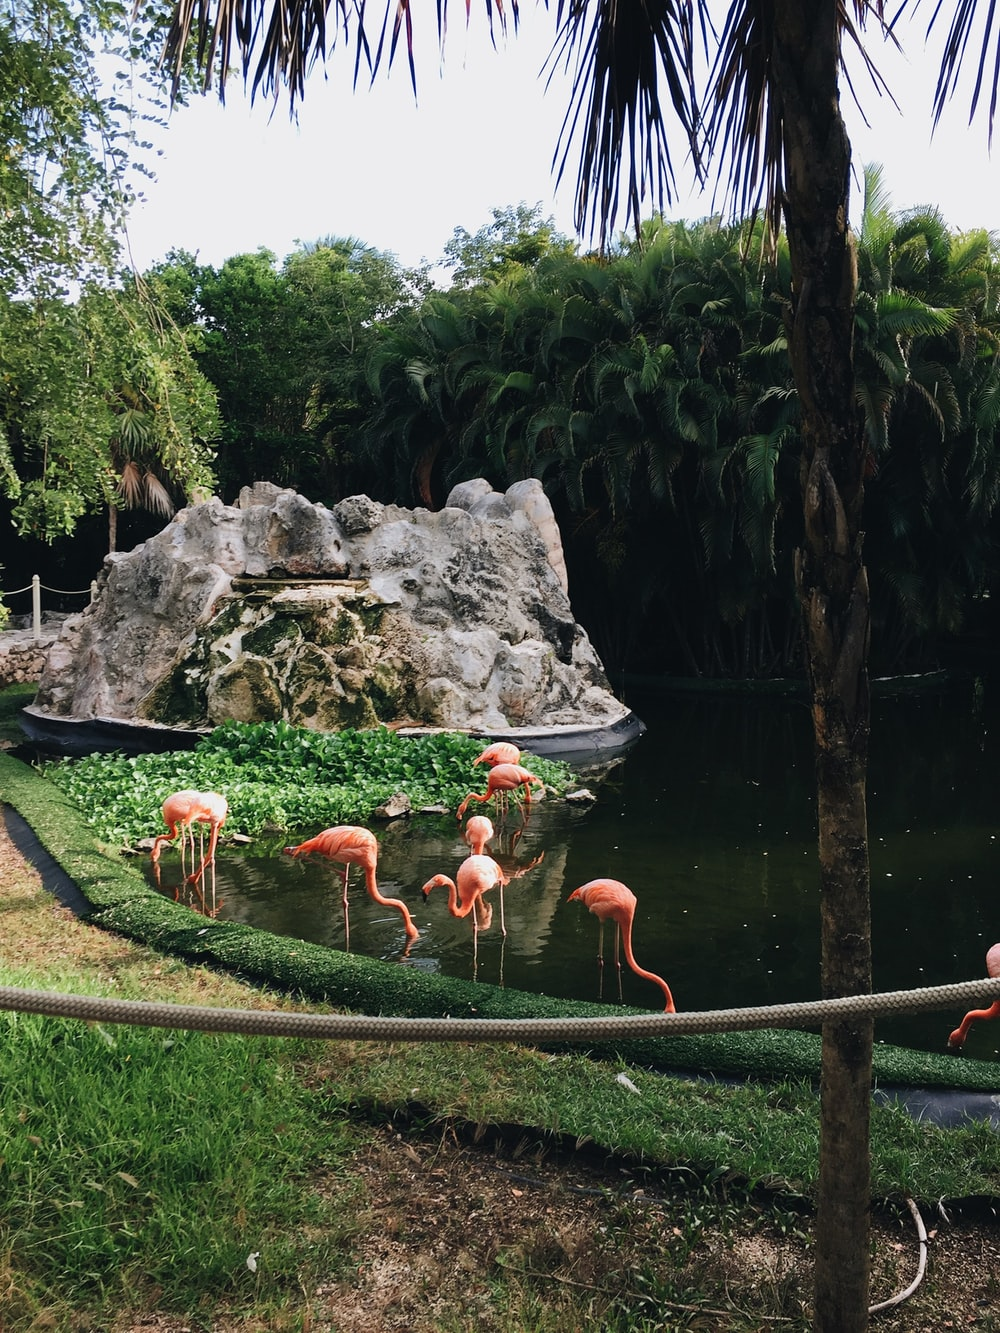 orange and white flamingos on water